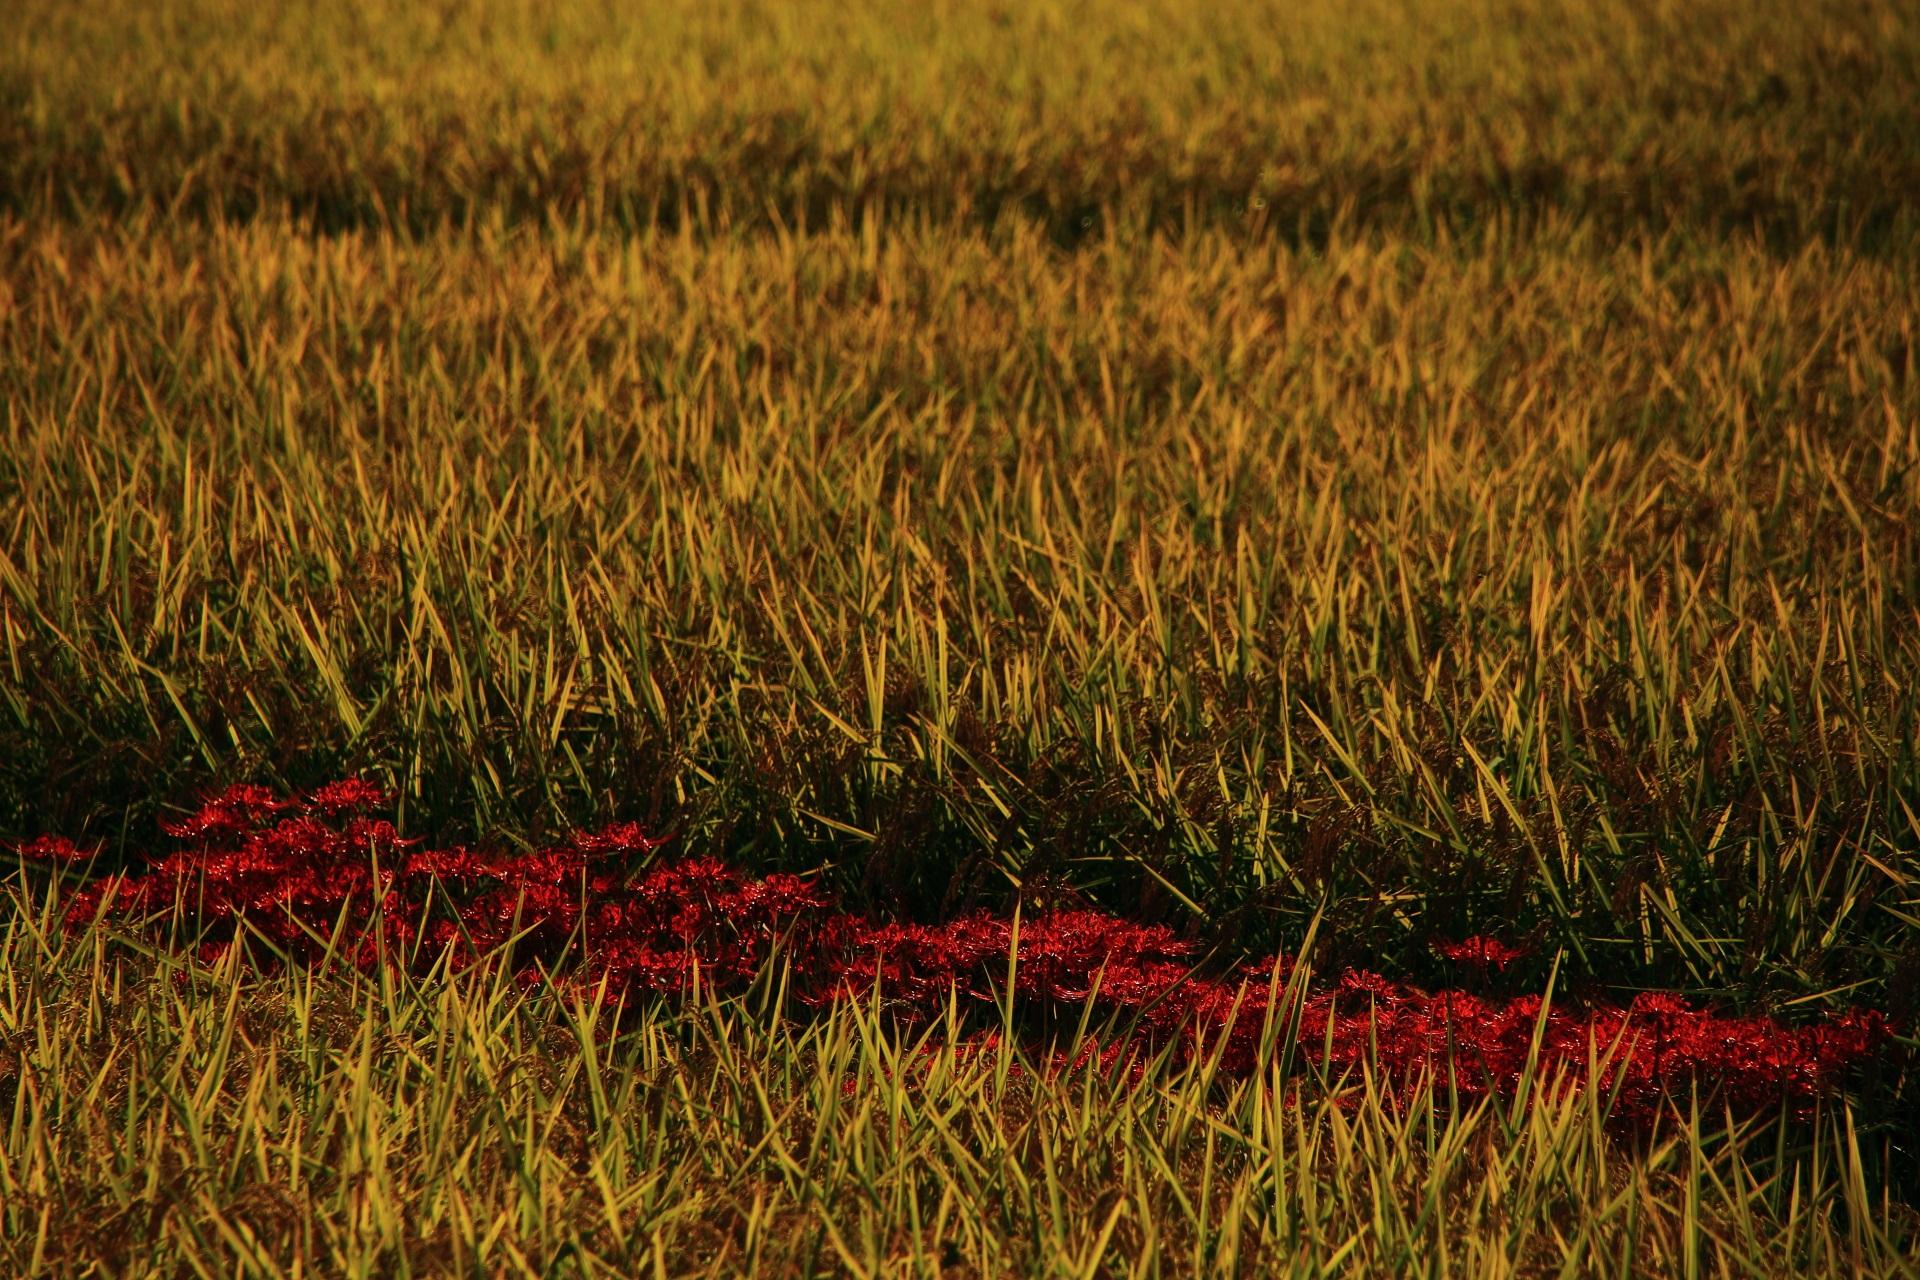 金色や錦に染まる秋の収穫前の田んぼや稲穂